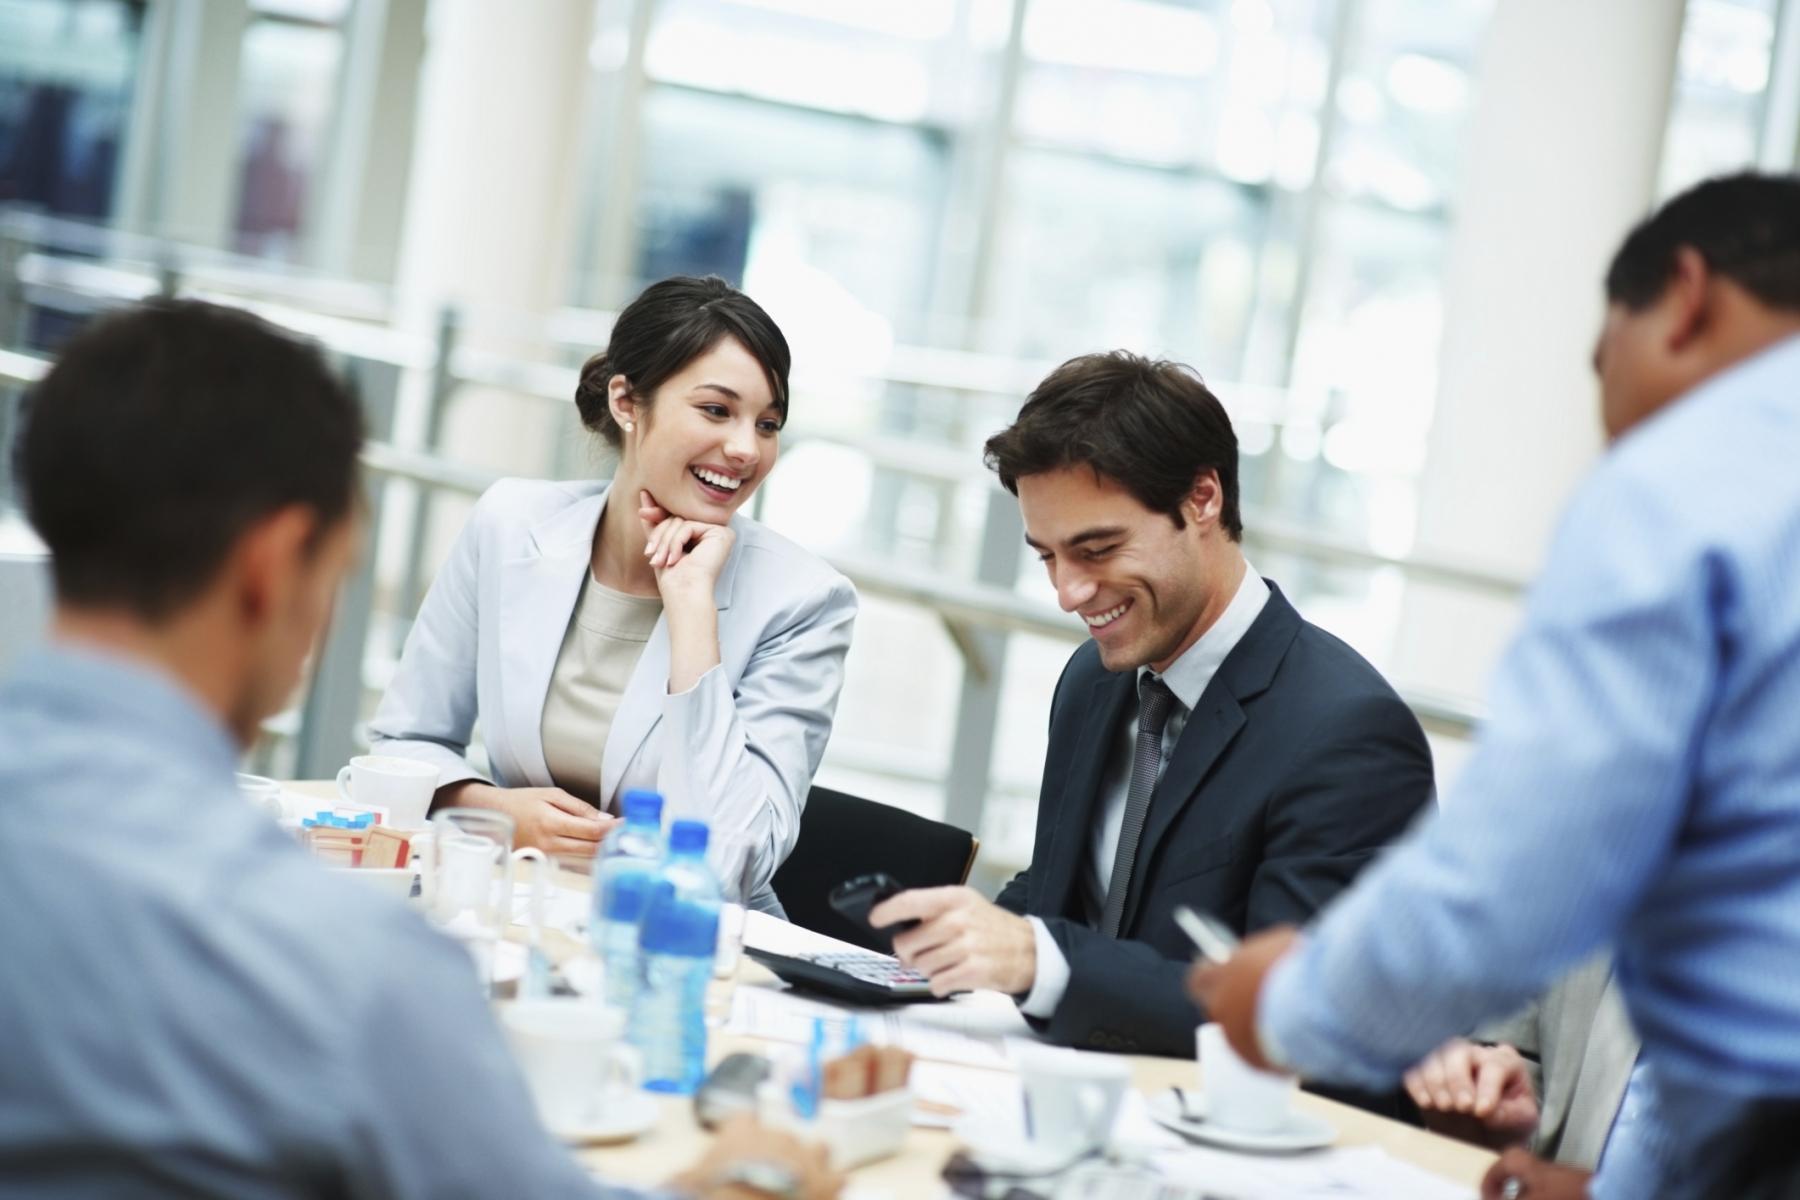 nuevo-en-la-empresa-aprenda-como-adaptarse